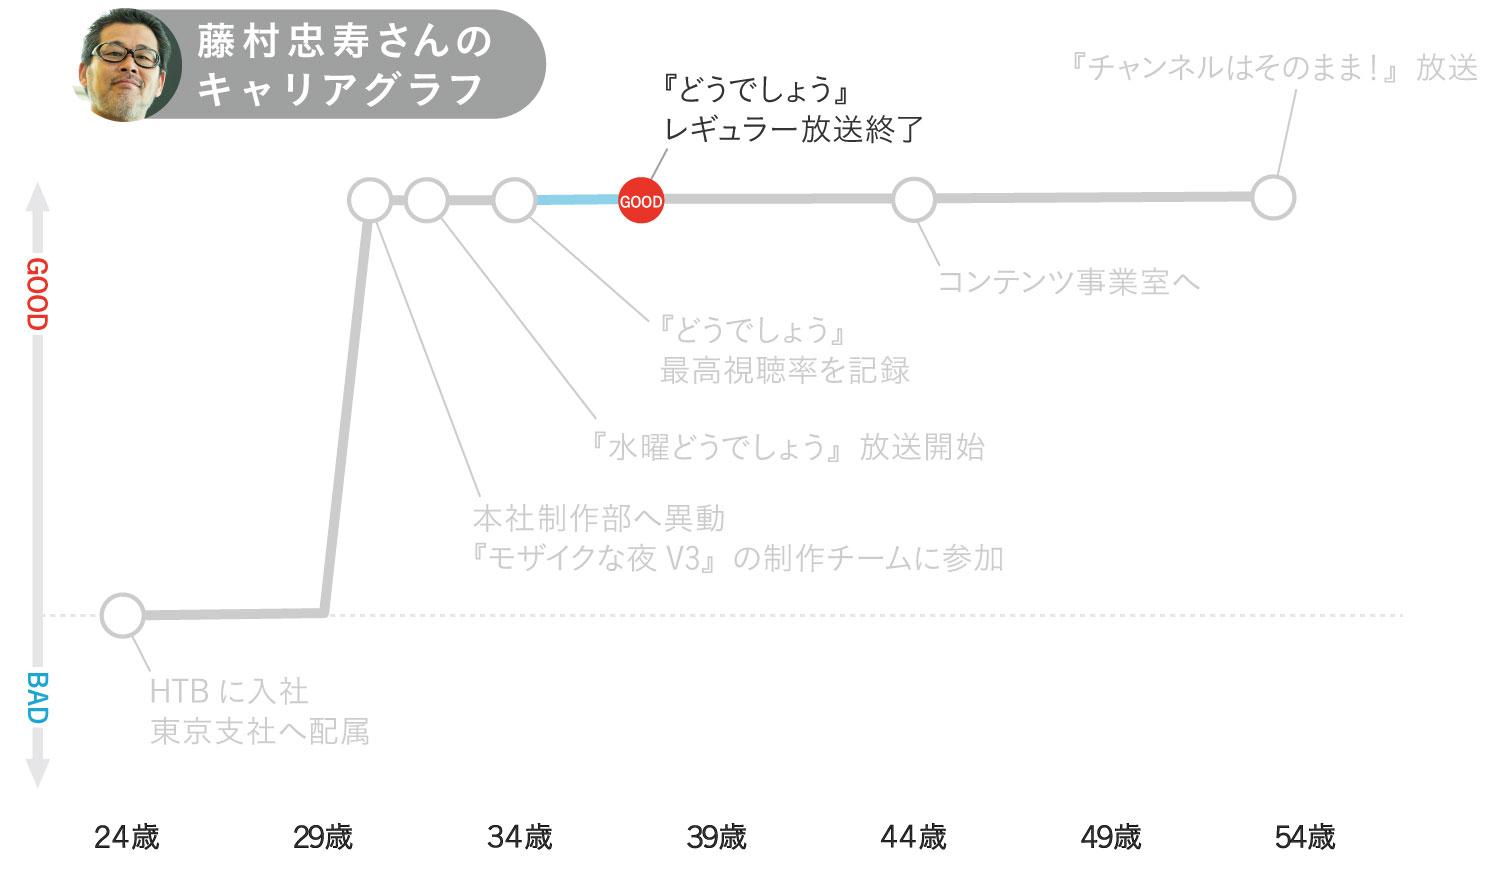 藤村忠寿さんのキャリアグラフ4